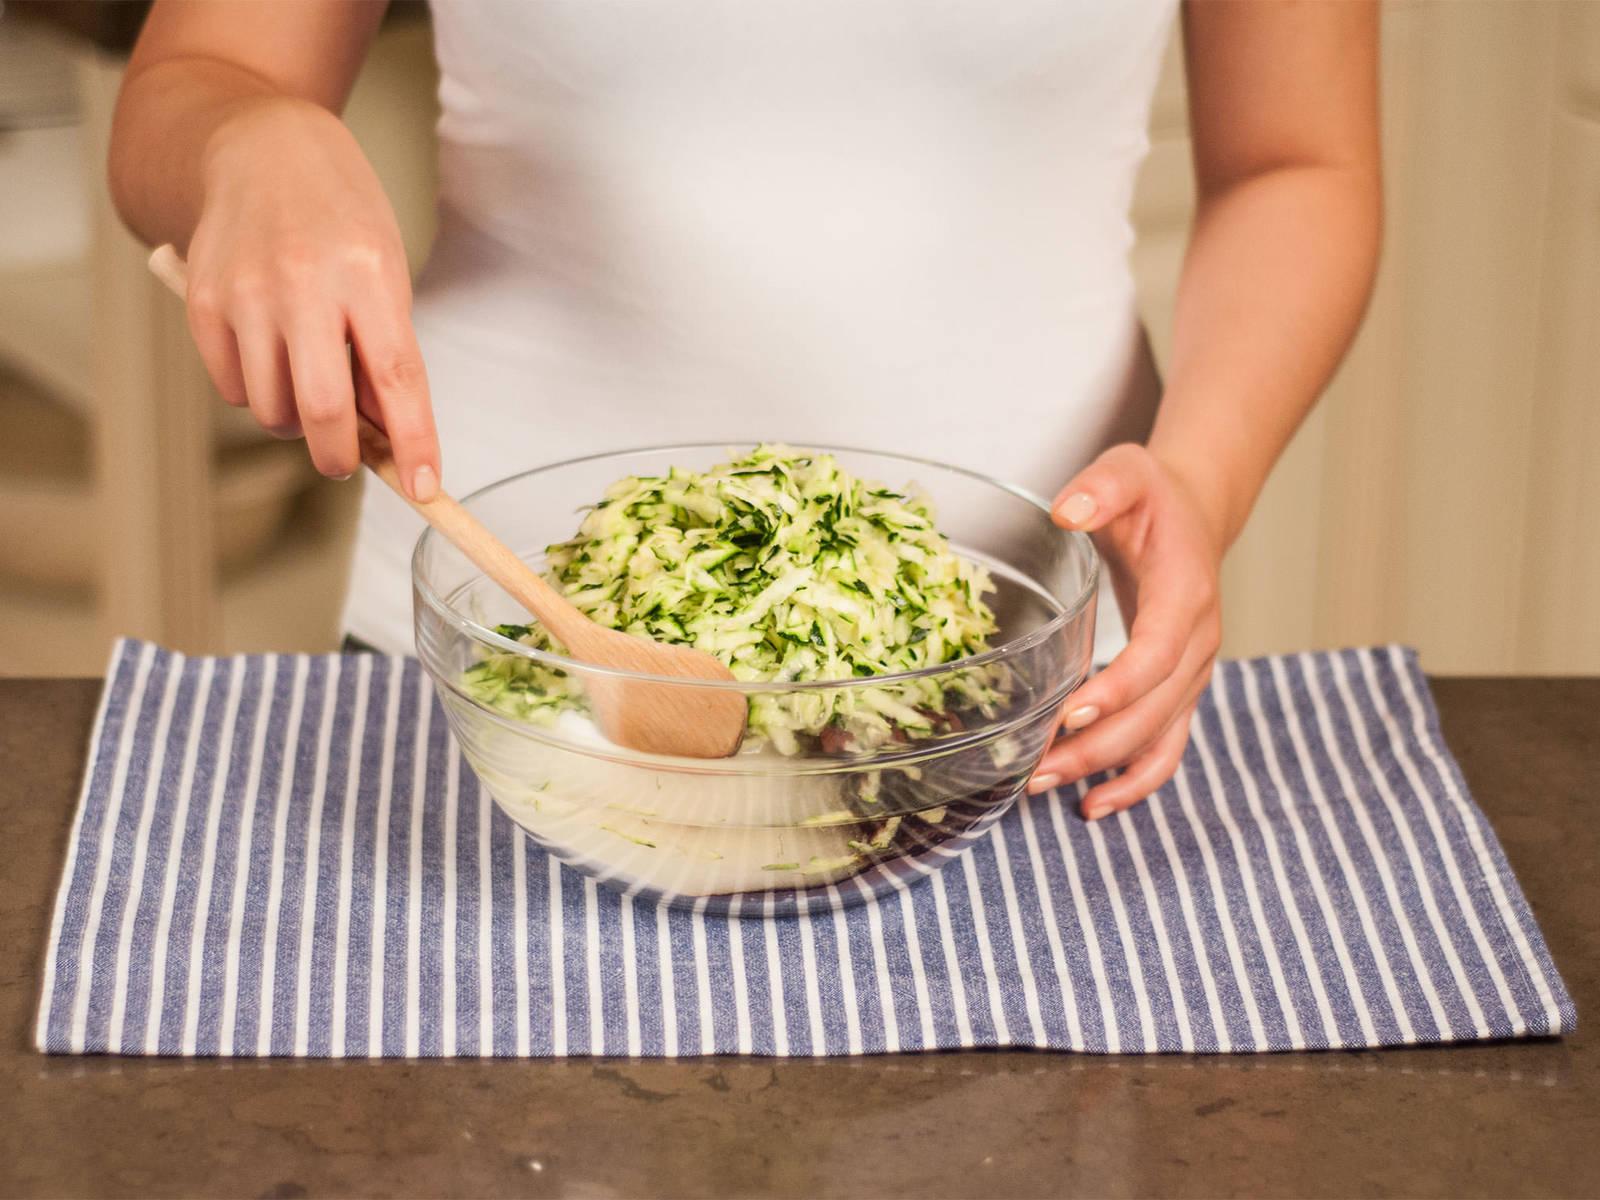 Mehl, Mark einer Vanilleschote, Zucker, Kakaopulver, Backpulver, eine Prise Salz, Pflanzenöl und Zucchini in eine große Schüssel geben. Gut vermengen.